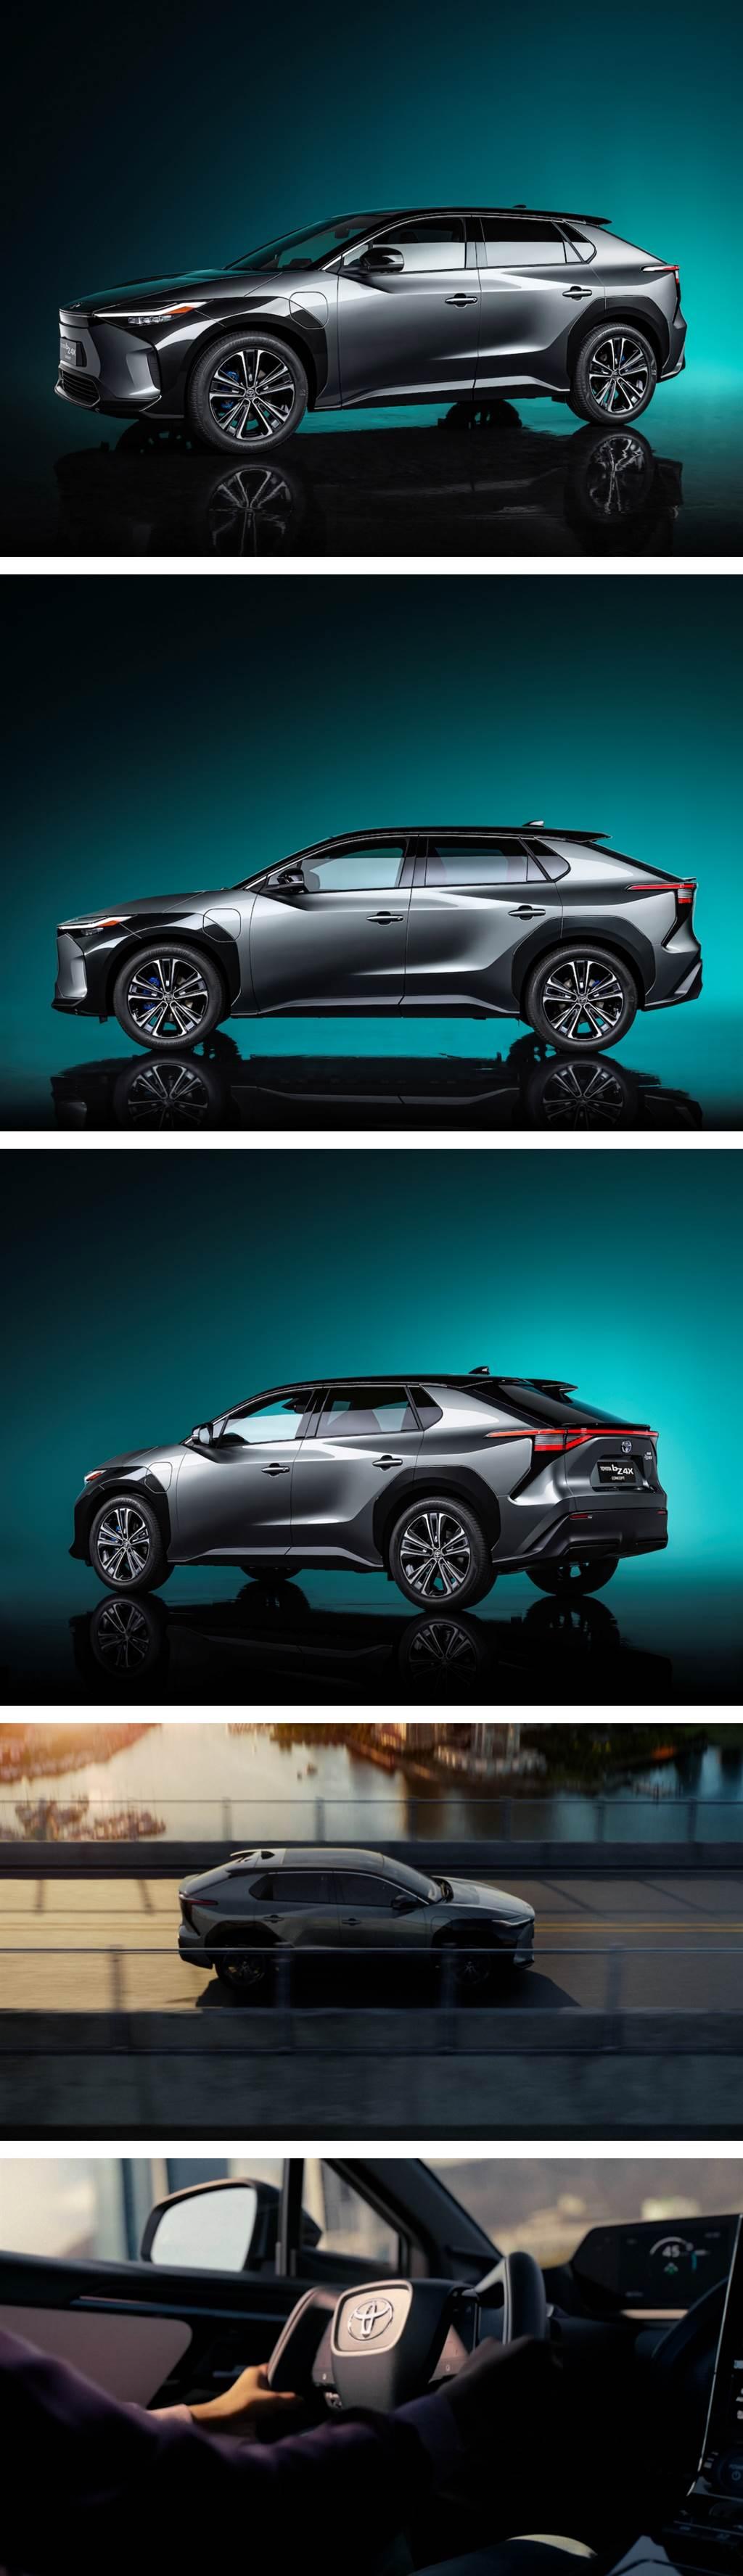 2021 上海車展:Toyota 純電車專屬系列 bZ 首款概念車 bZ4X Concept 亮相!